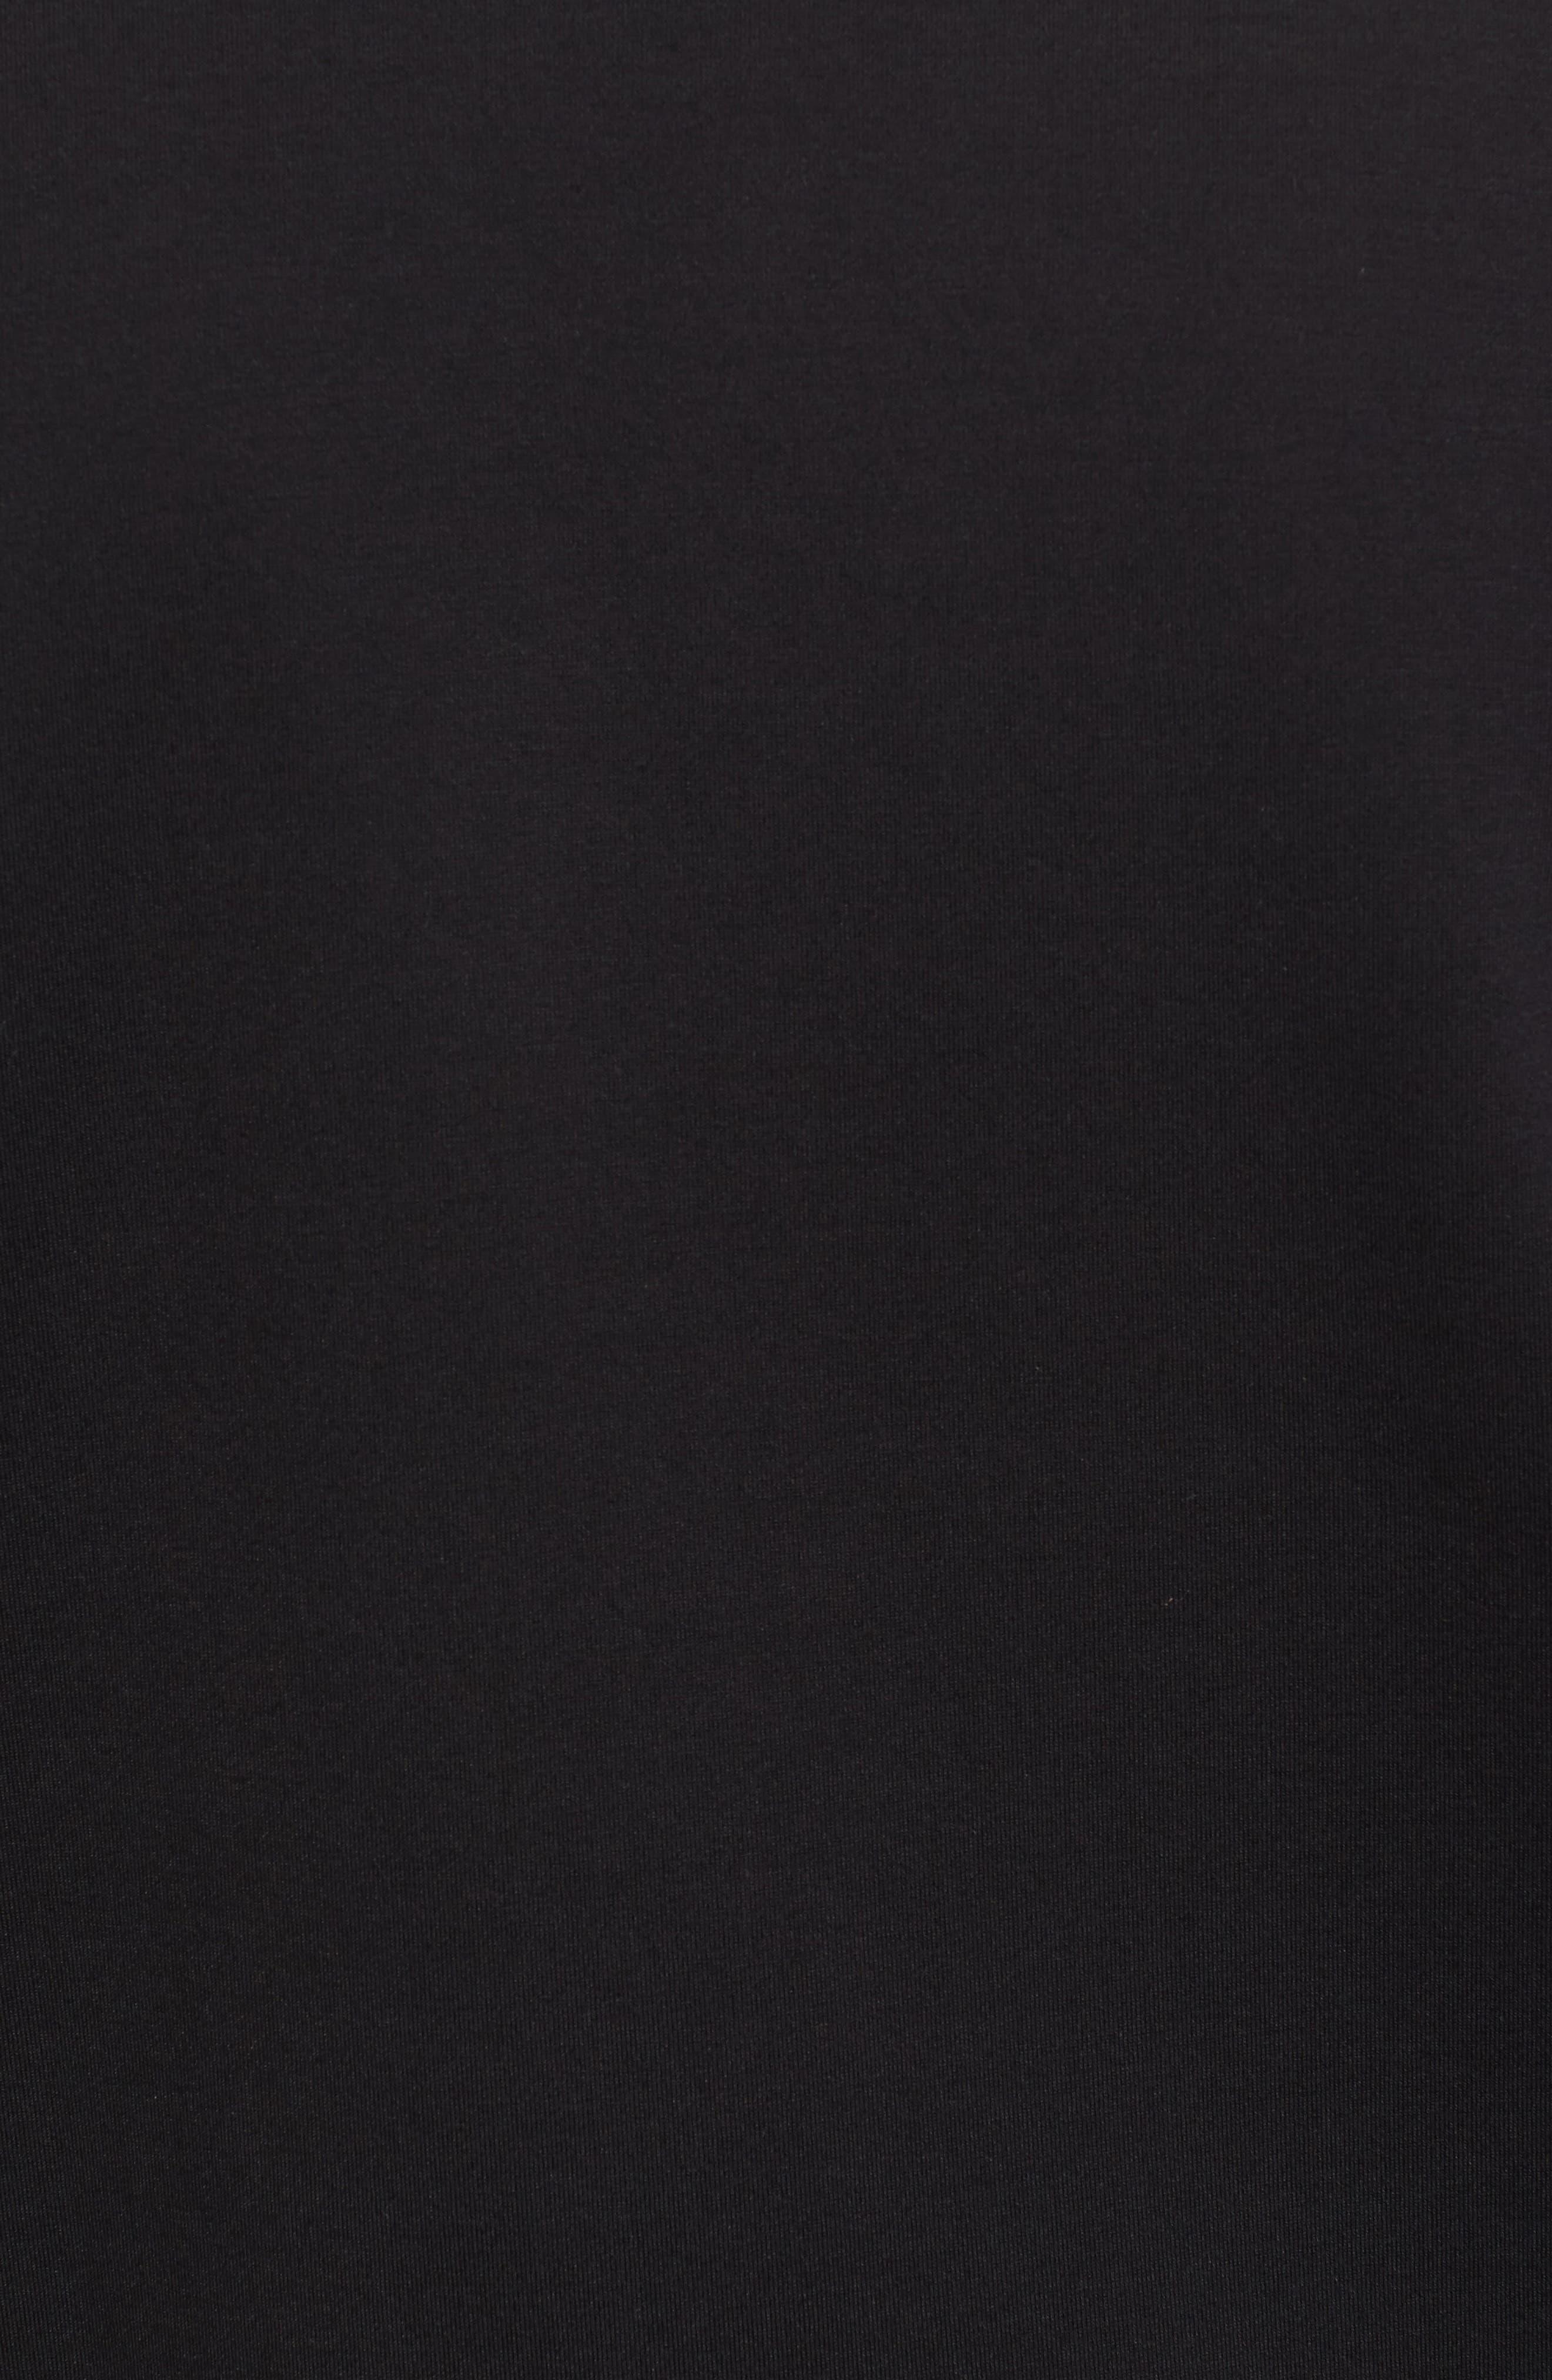 Soule Mercedes Slim Fit Zip Jacket,                             Alternate thumbnail 5, color,                             001